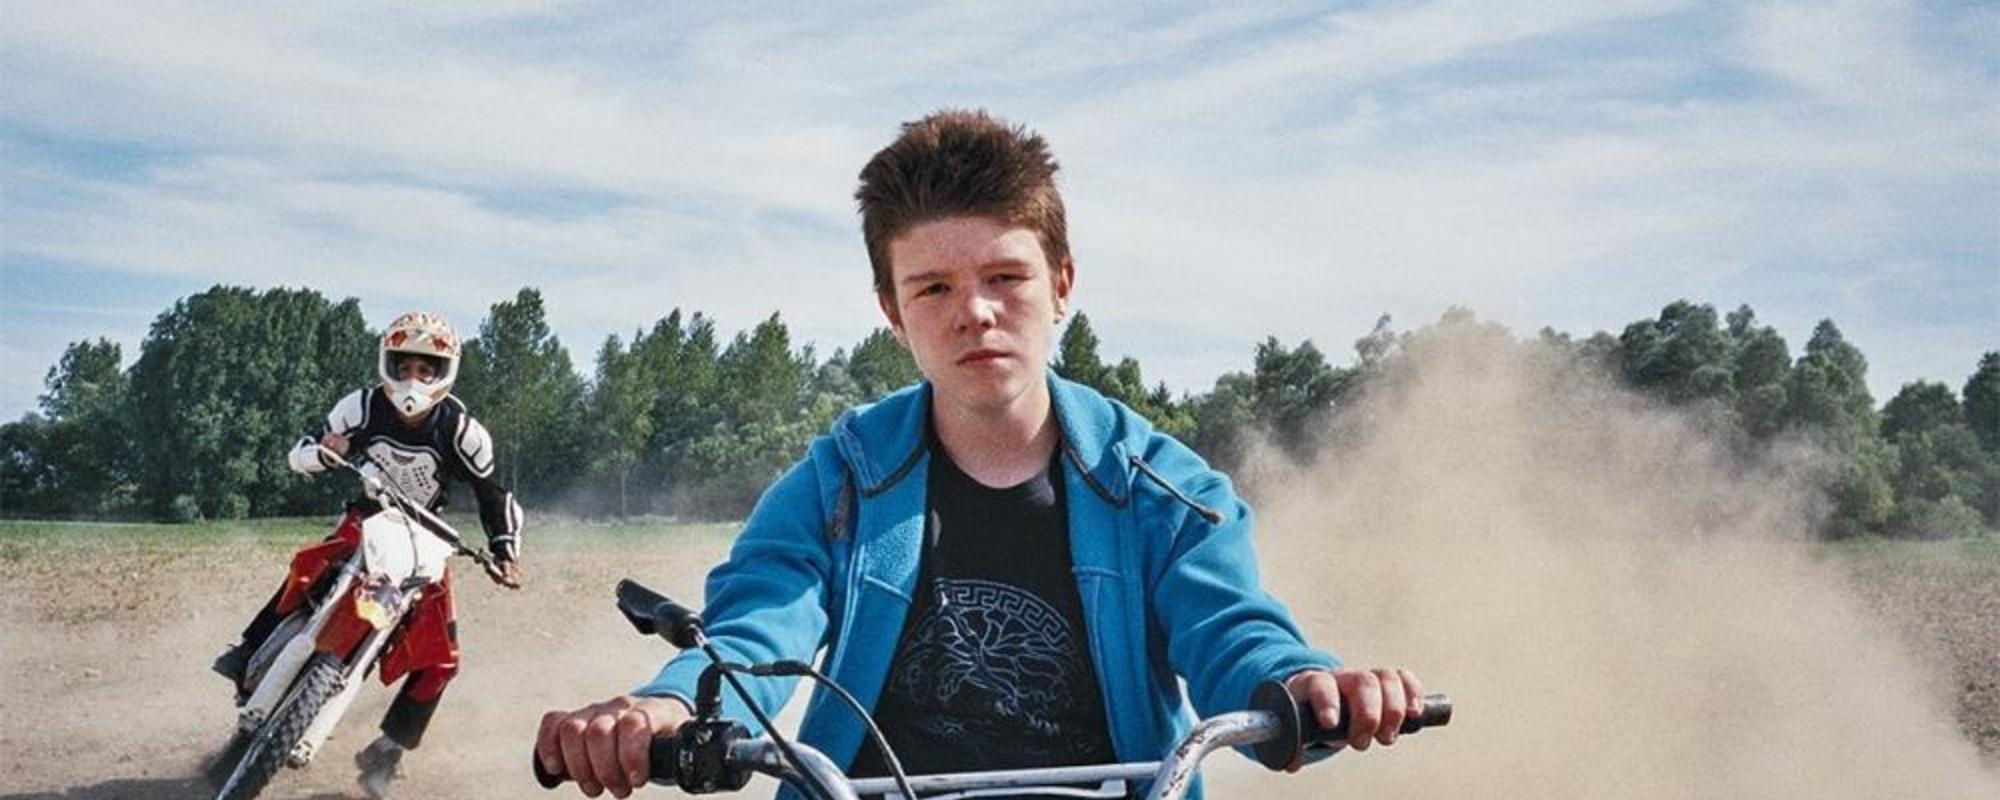 Fotografii cu tinerii care fac motorcross periculos în Paris